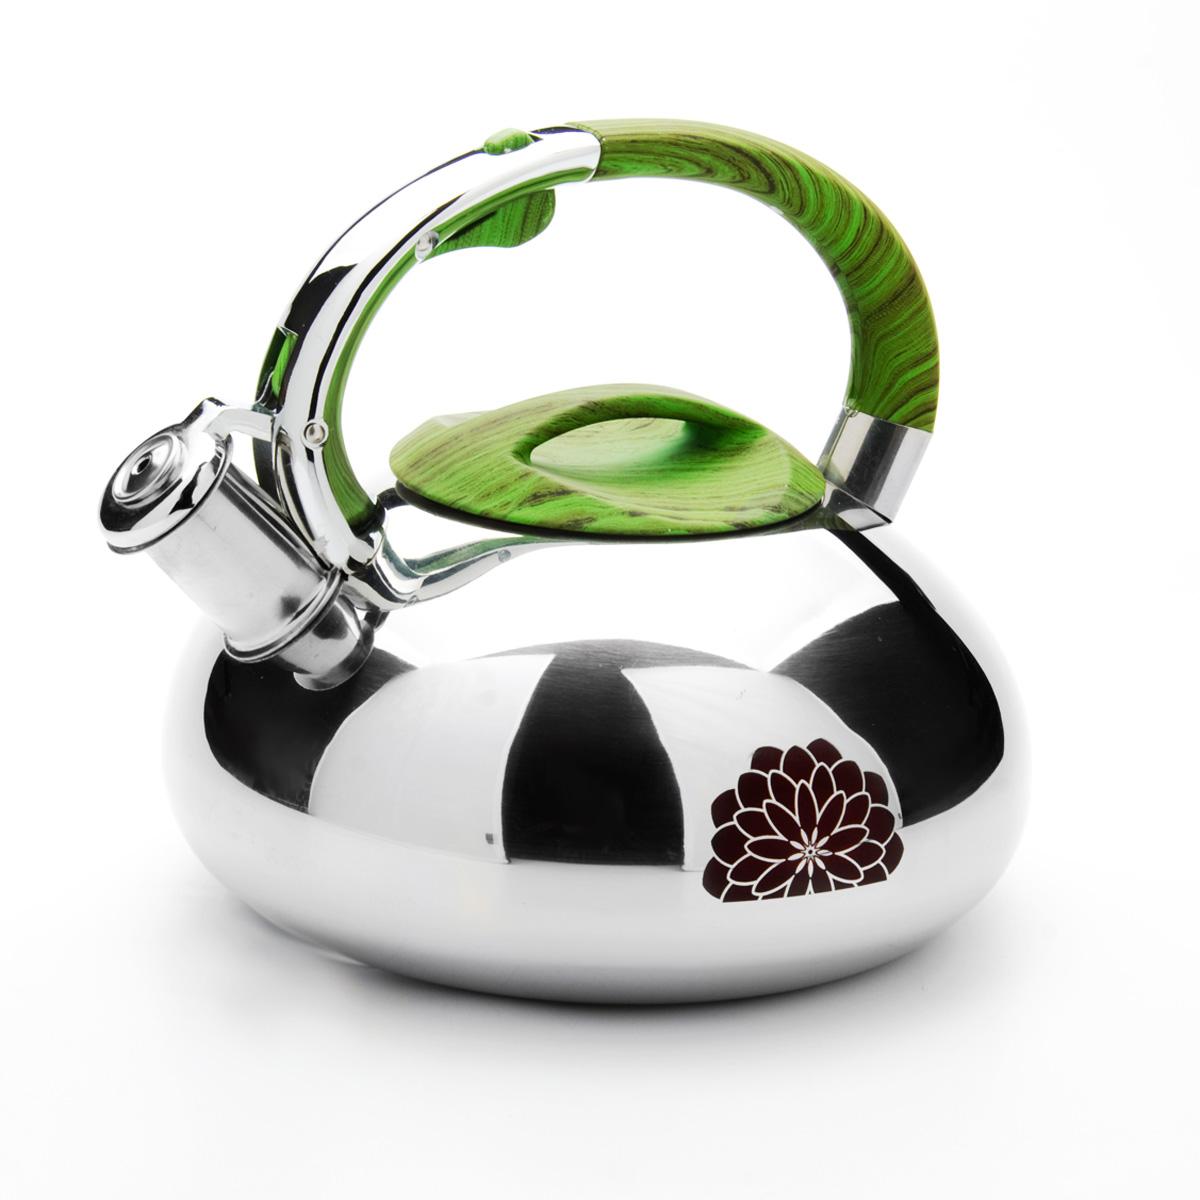 Чайник Mayer & Boch, со свистком, 2,9 л. 2358923589Чайник Mayer & Boch выполнен из зеркальной нержавеющей стали высокой прочности. Чайник оснащен откидным свистком, который громко оповестит о закипании воды. Удобная эргономичная ручка и крышка выполнены из нейлона. Такой чайник идеально впишется в интерьер любой кухни и станет замечательным подарком к любому случаю. Подходит для всех типов плит, включая индукционные. Можно мыть в посудомоечной машине. Диаметр чайника по верхнему краю: 10 см. Диаметр индукционного диска: 17 см. Высота чайника (с учетом ручки): 20 см.